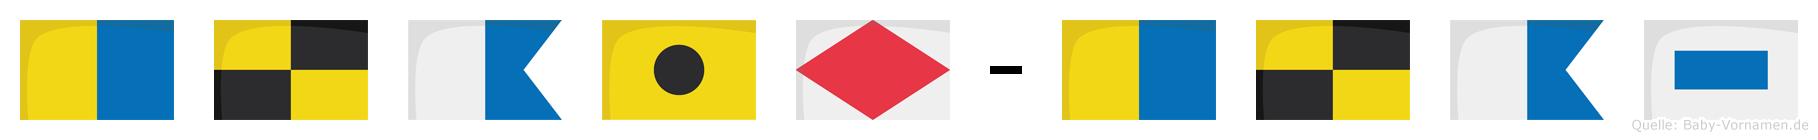 Klaif-Klas im Flaggenalphabet